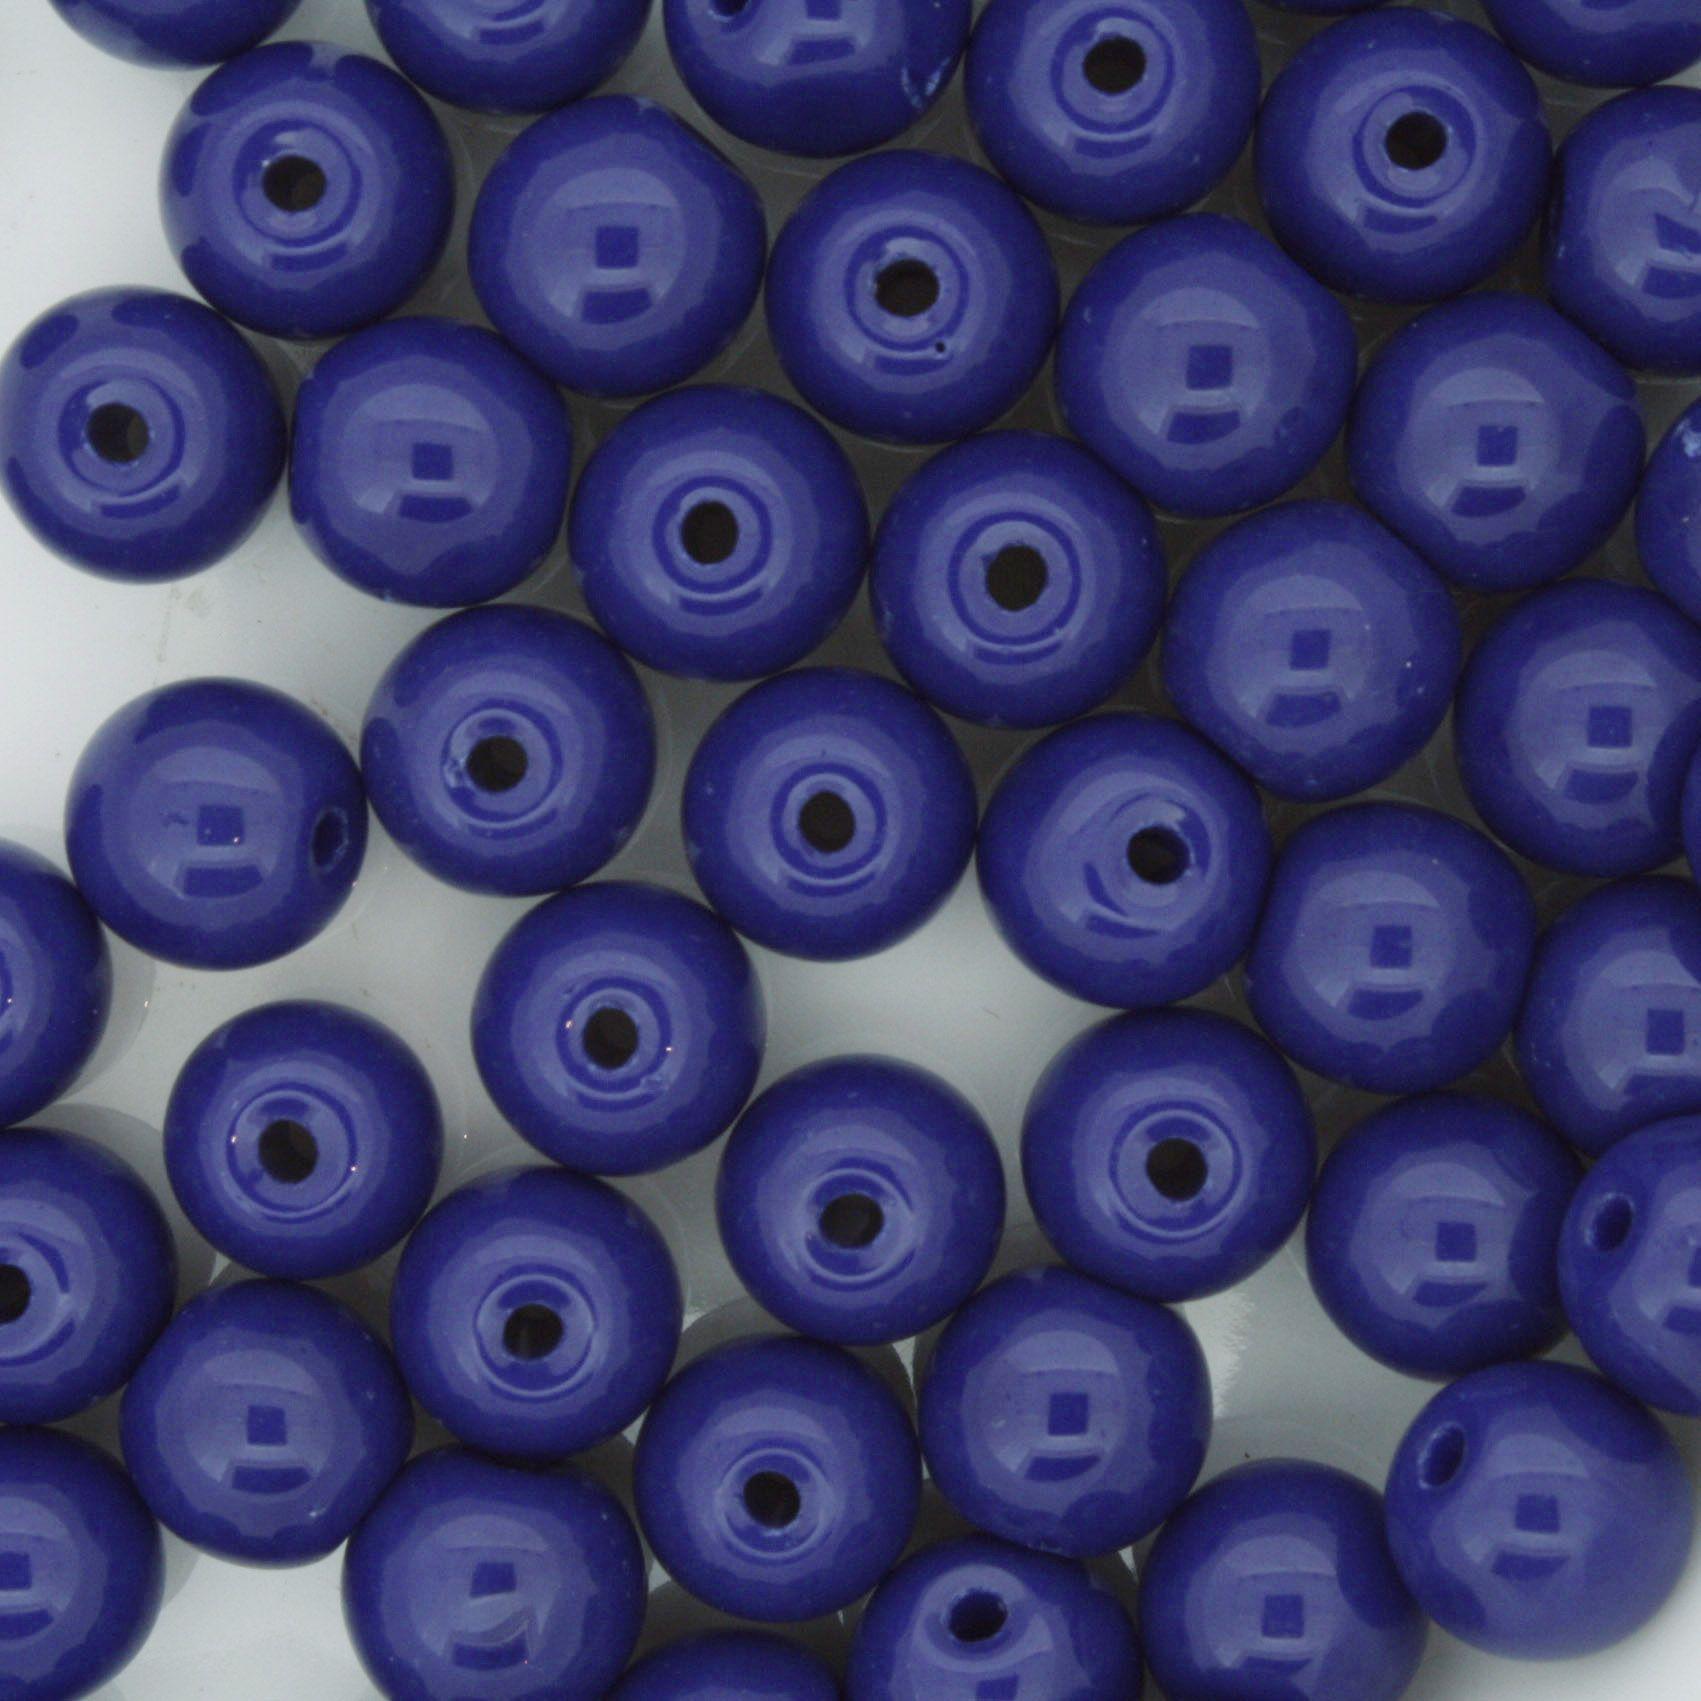 Contas de Porcelana® - Azul Royal - 8mm  - Stéphanie Bijoux® - Peças para Bijuterias e Artesanato